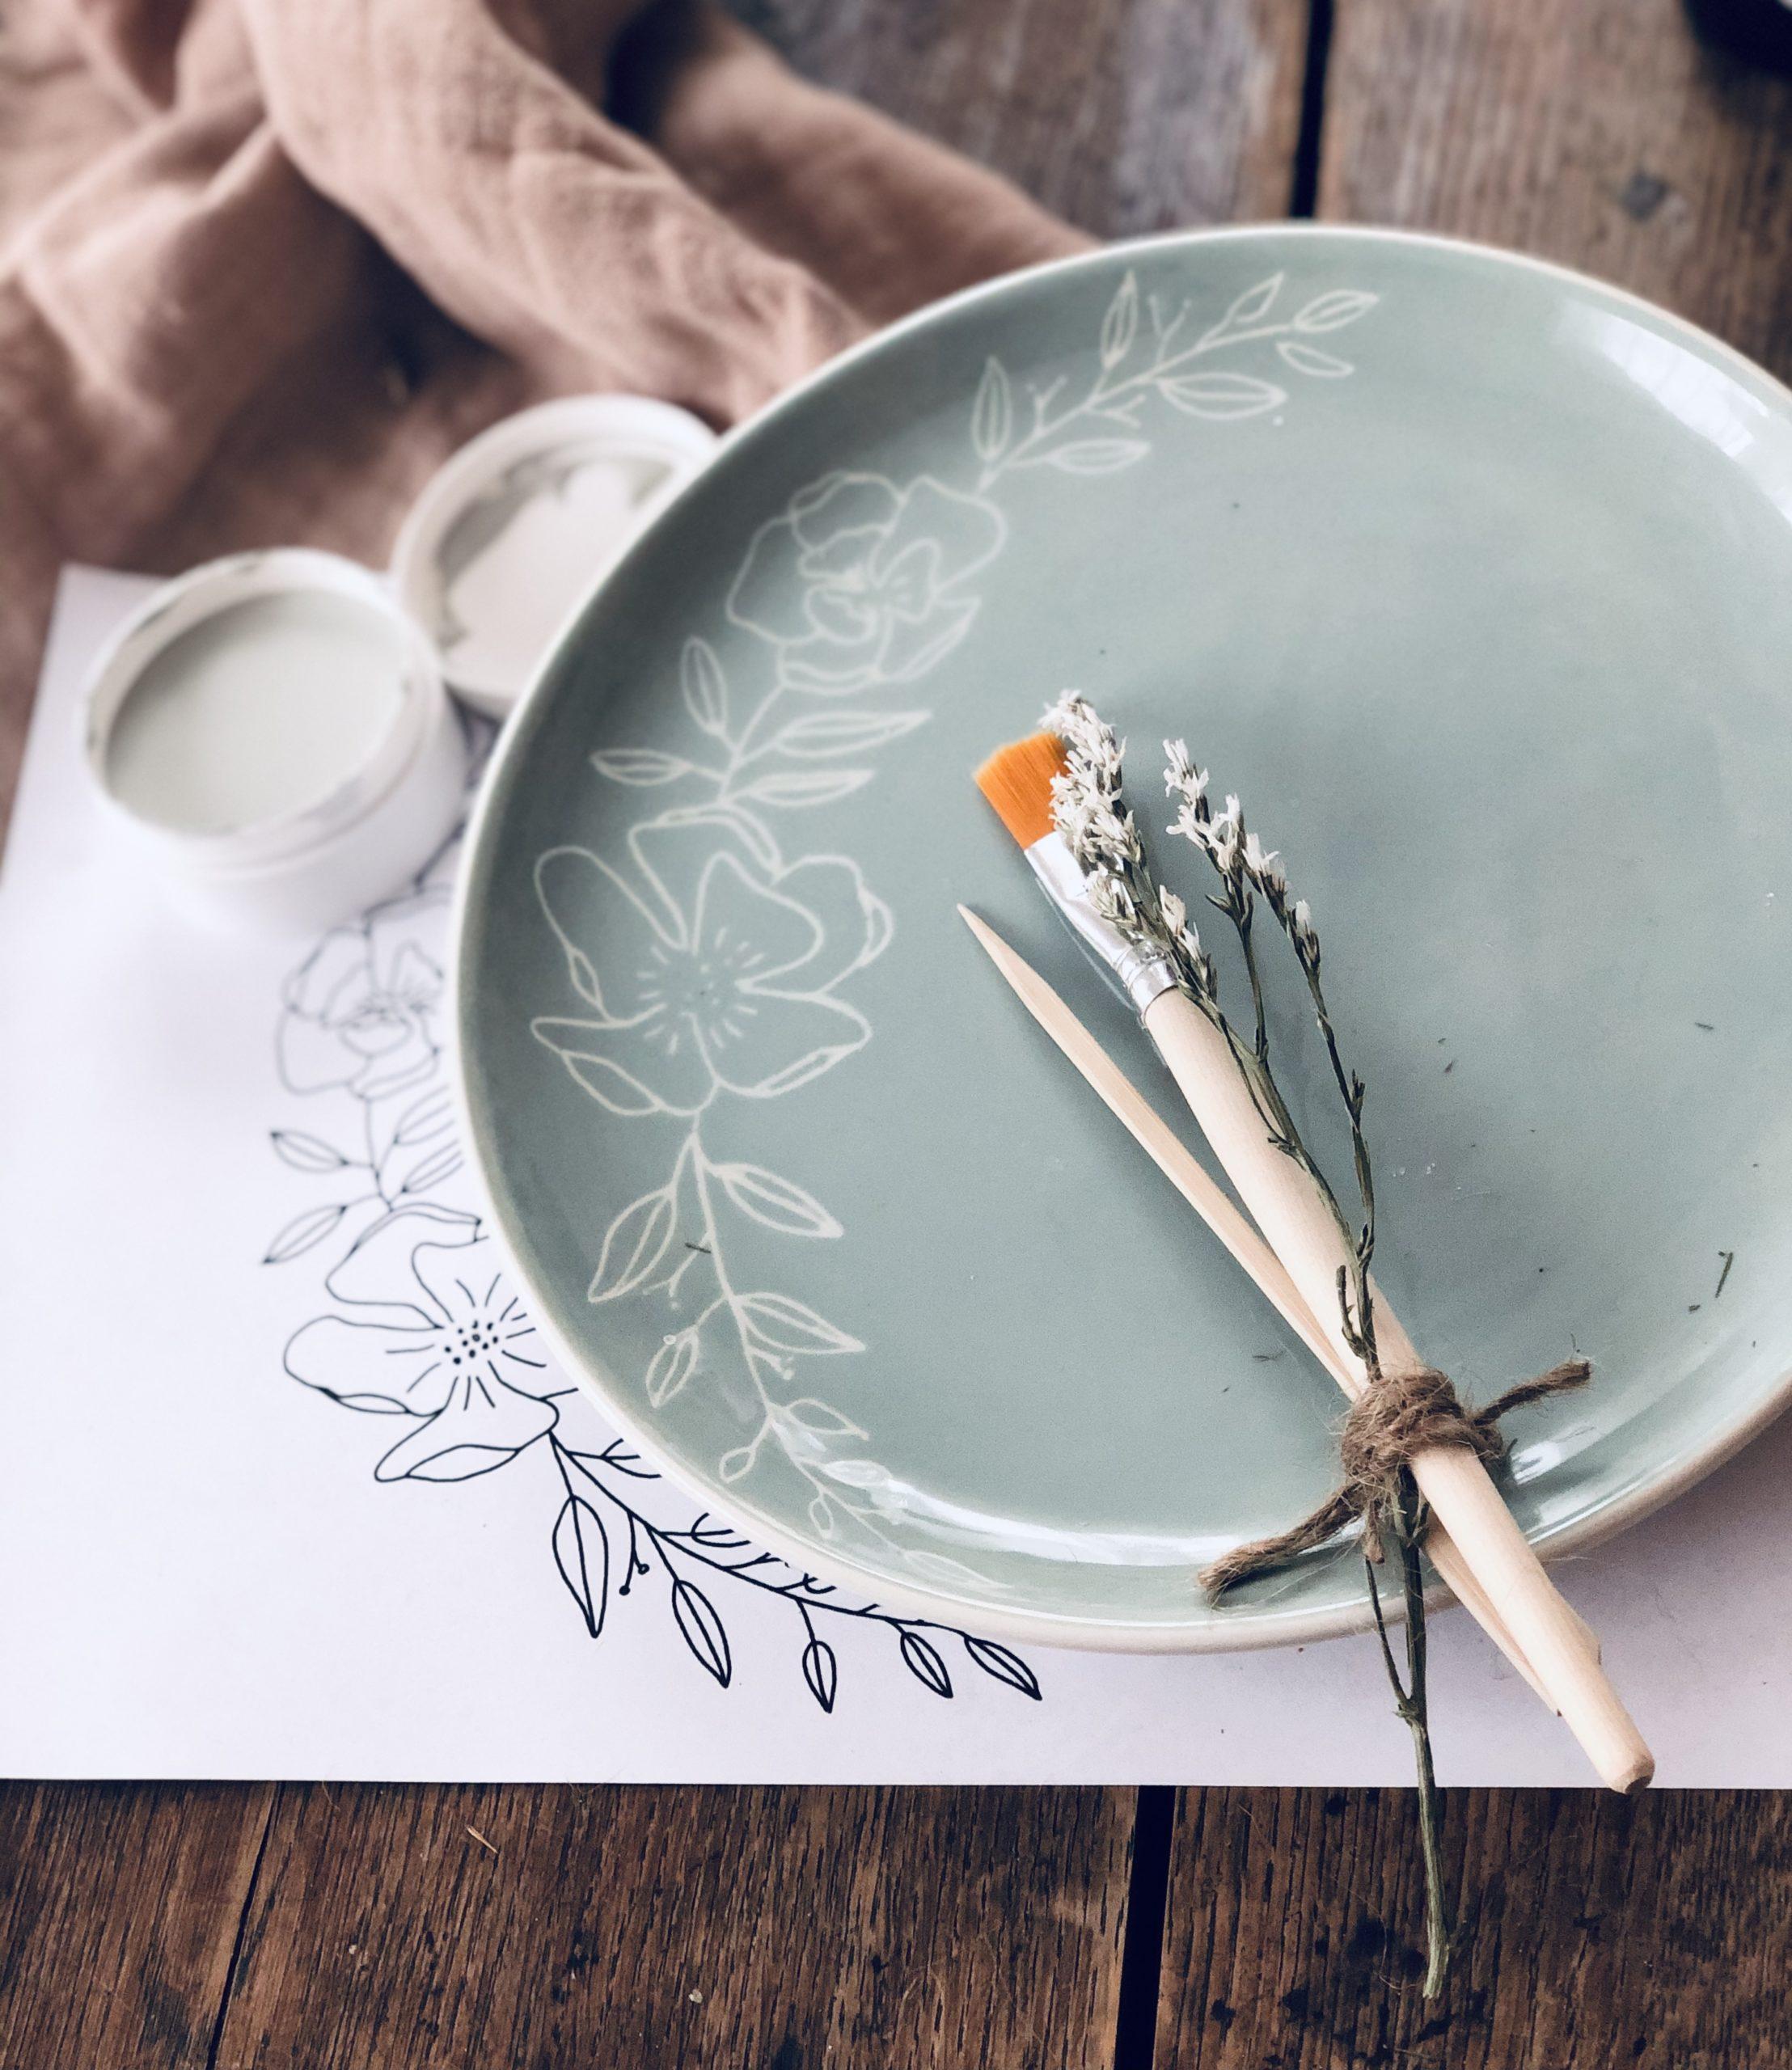 Teller in Salbei mit eingekratzter Blumenranke. Auf dem Teller liegt ein Pinsel